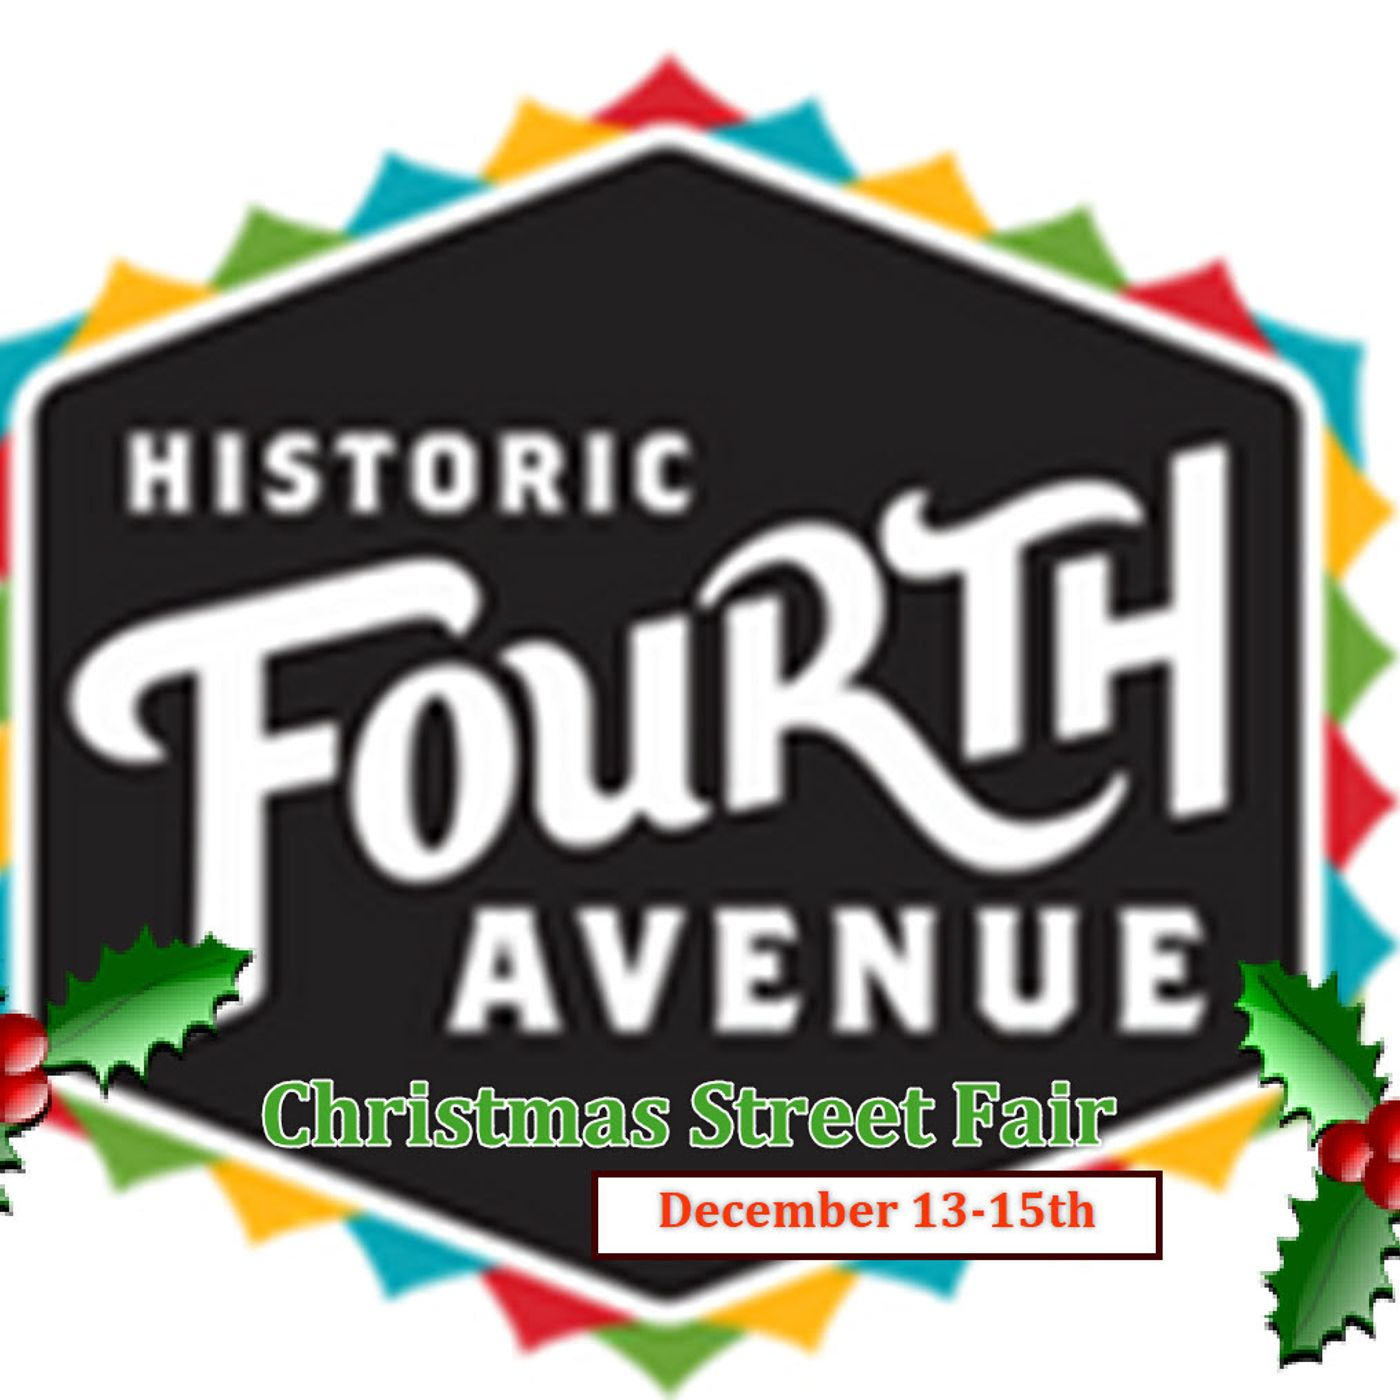 Countyfairgrounds presents - The Fourth Avenue Street Fair XMAS 2019